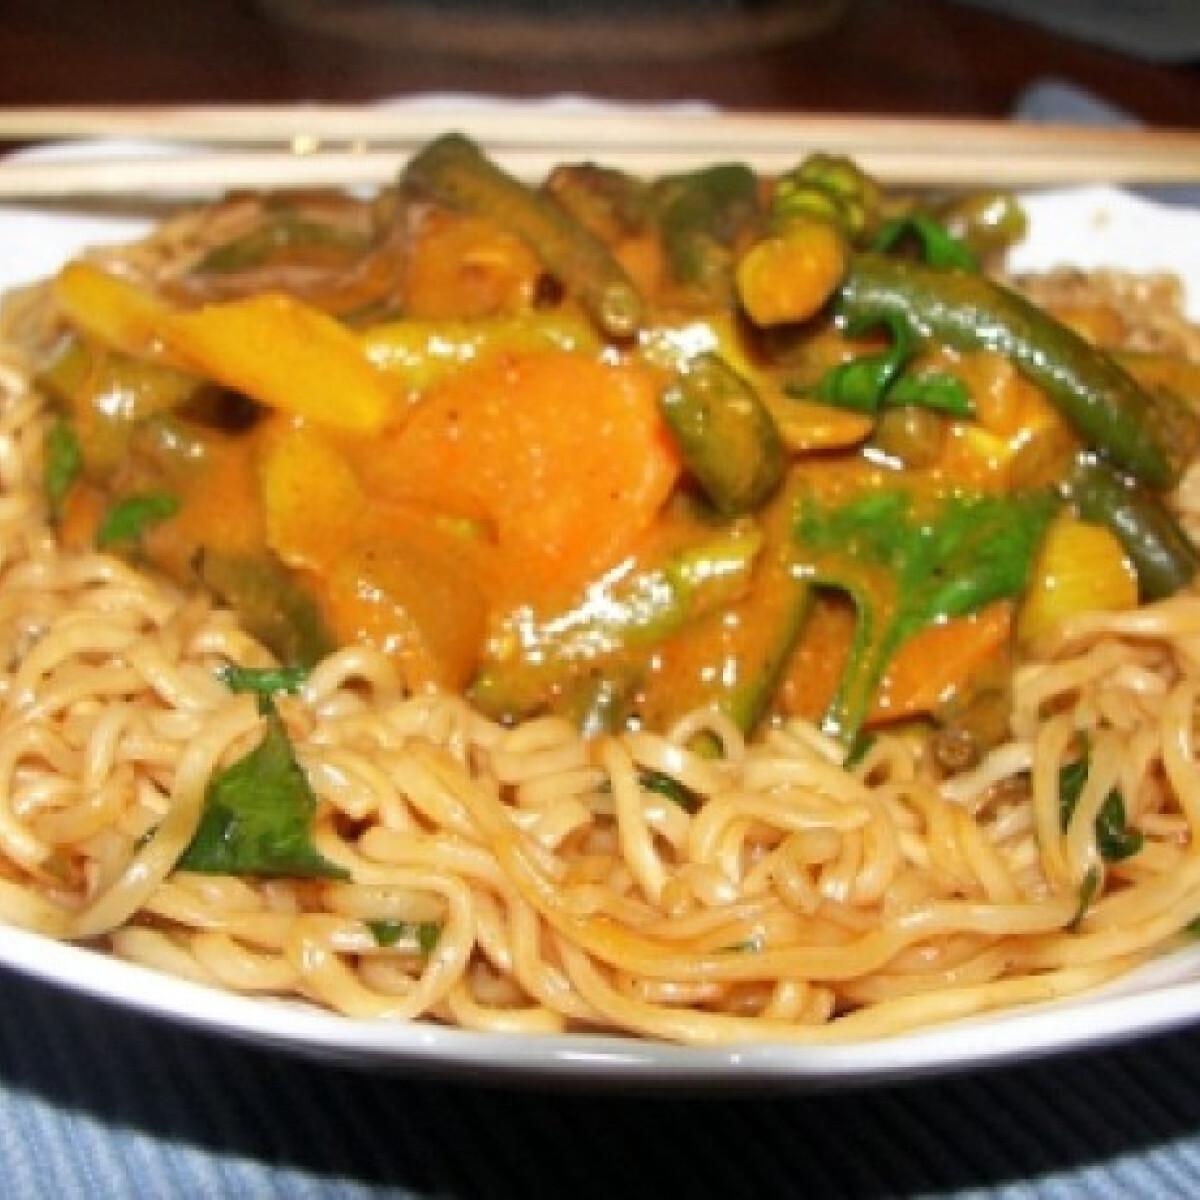 Currys-mogyórószószos sült tészta